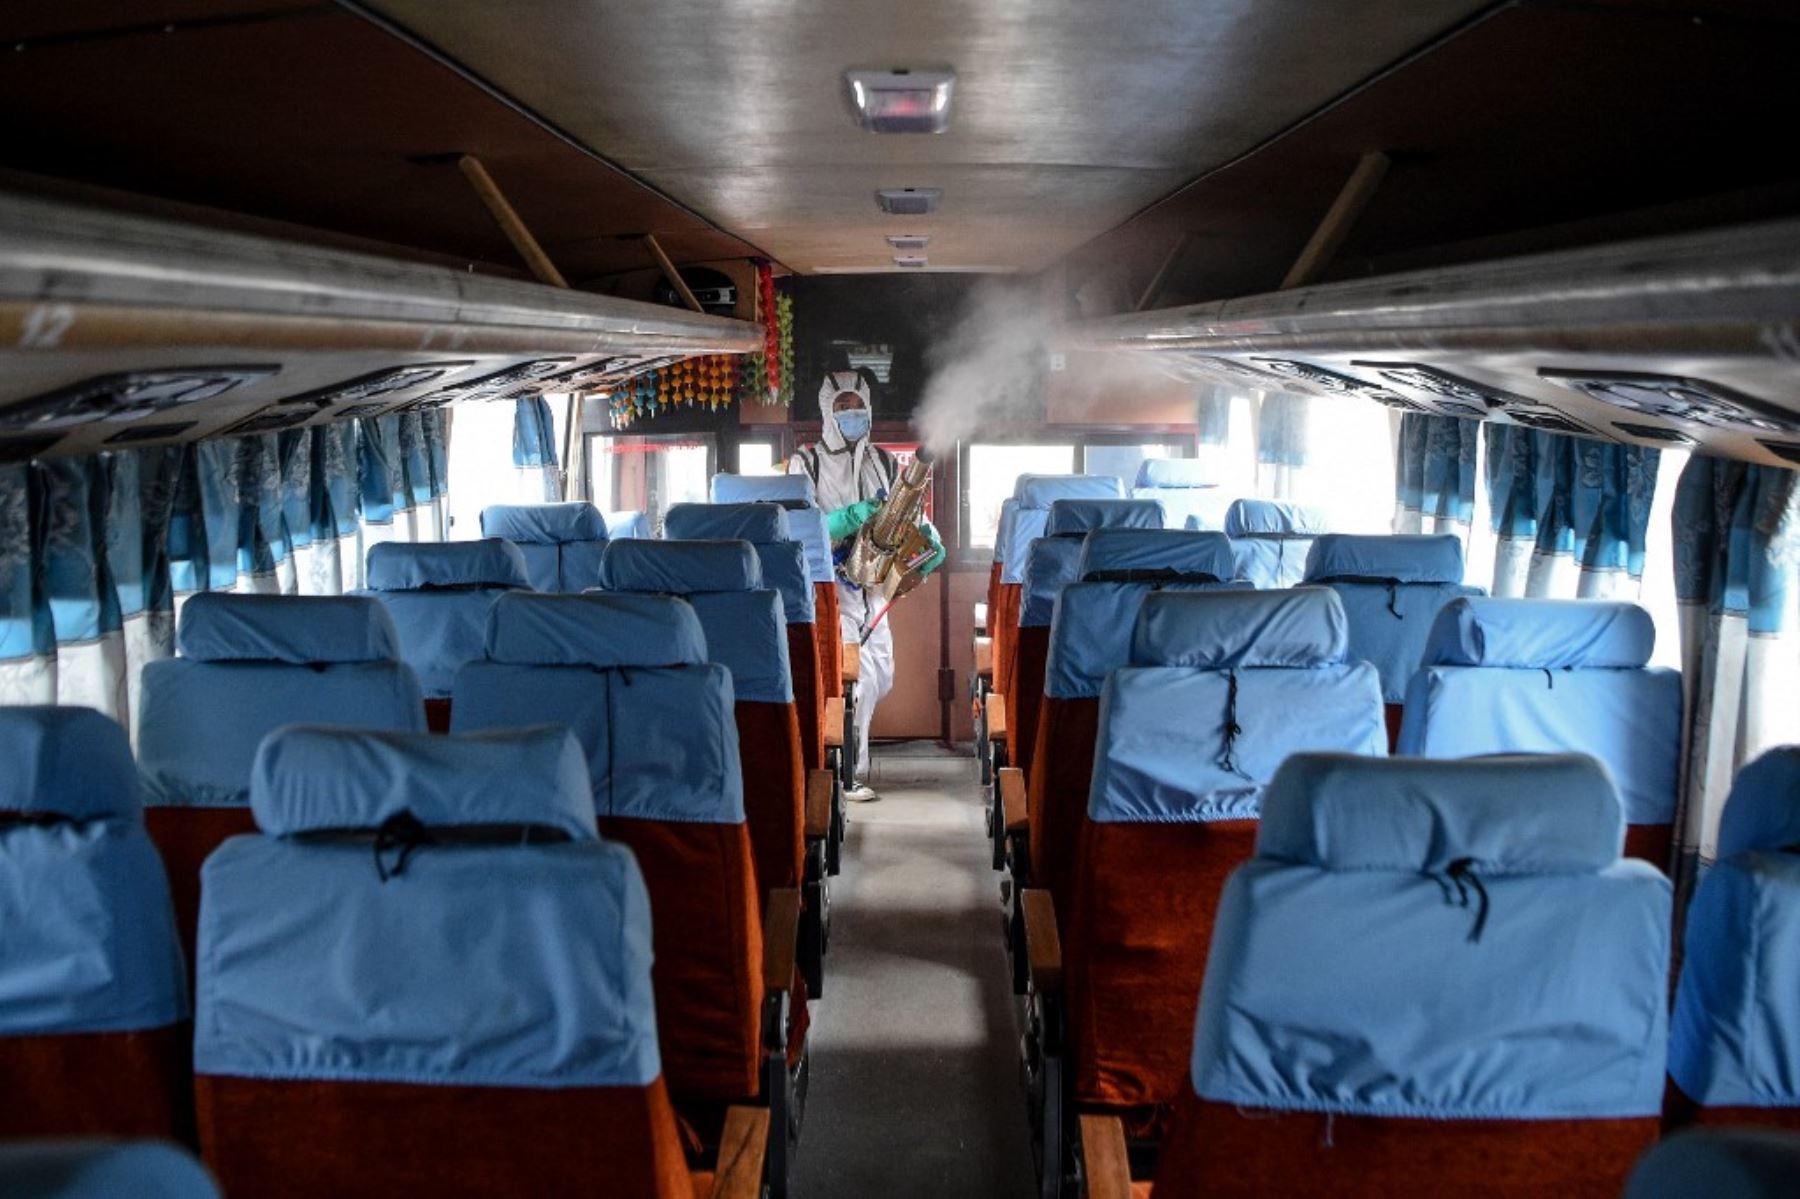 Un trabajador que lleva un equipo de protección personal sigue desinfectando un autobús mientras el gobierno suaviza las restricciones impuestas como medida preventiva contra el coronavirus en el transporte público de larga distancia en Katmandú.Foto:AFP